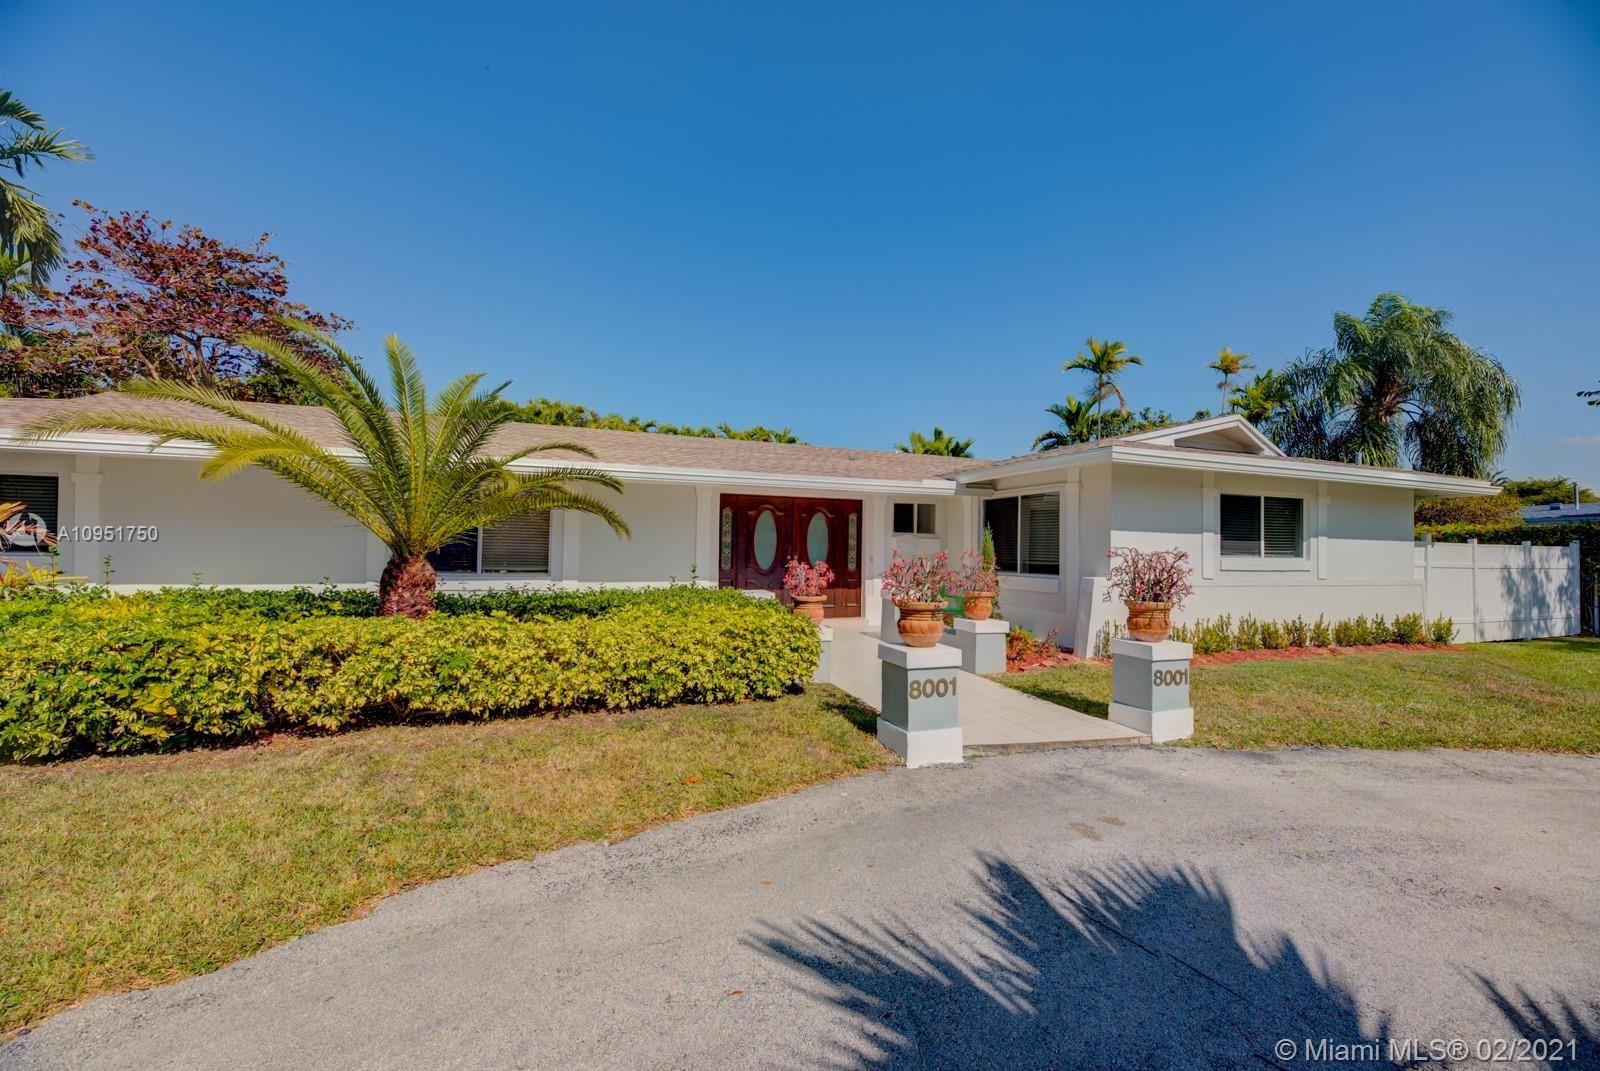 8001 SW 89th Ter, Miami, FL 33156 - #: A10951750